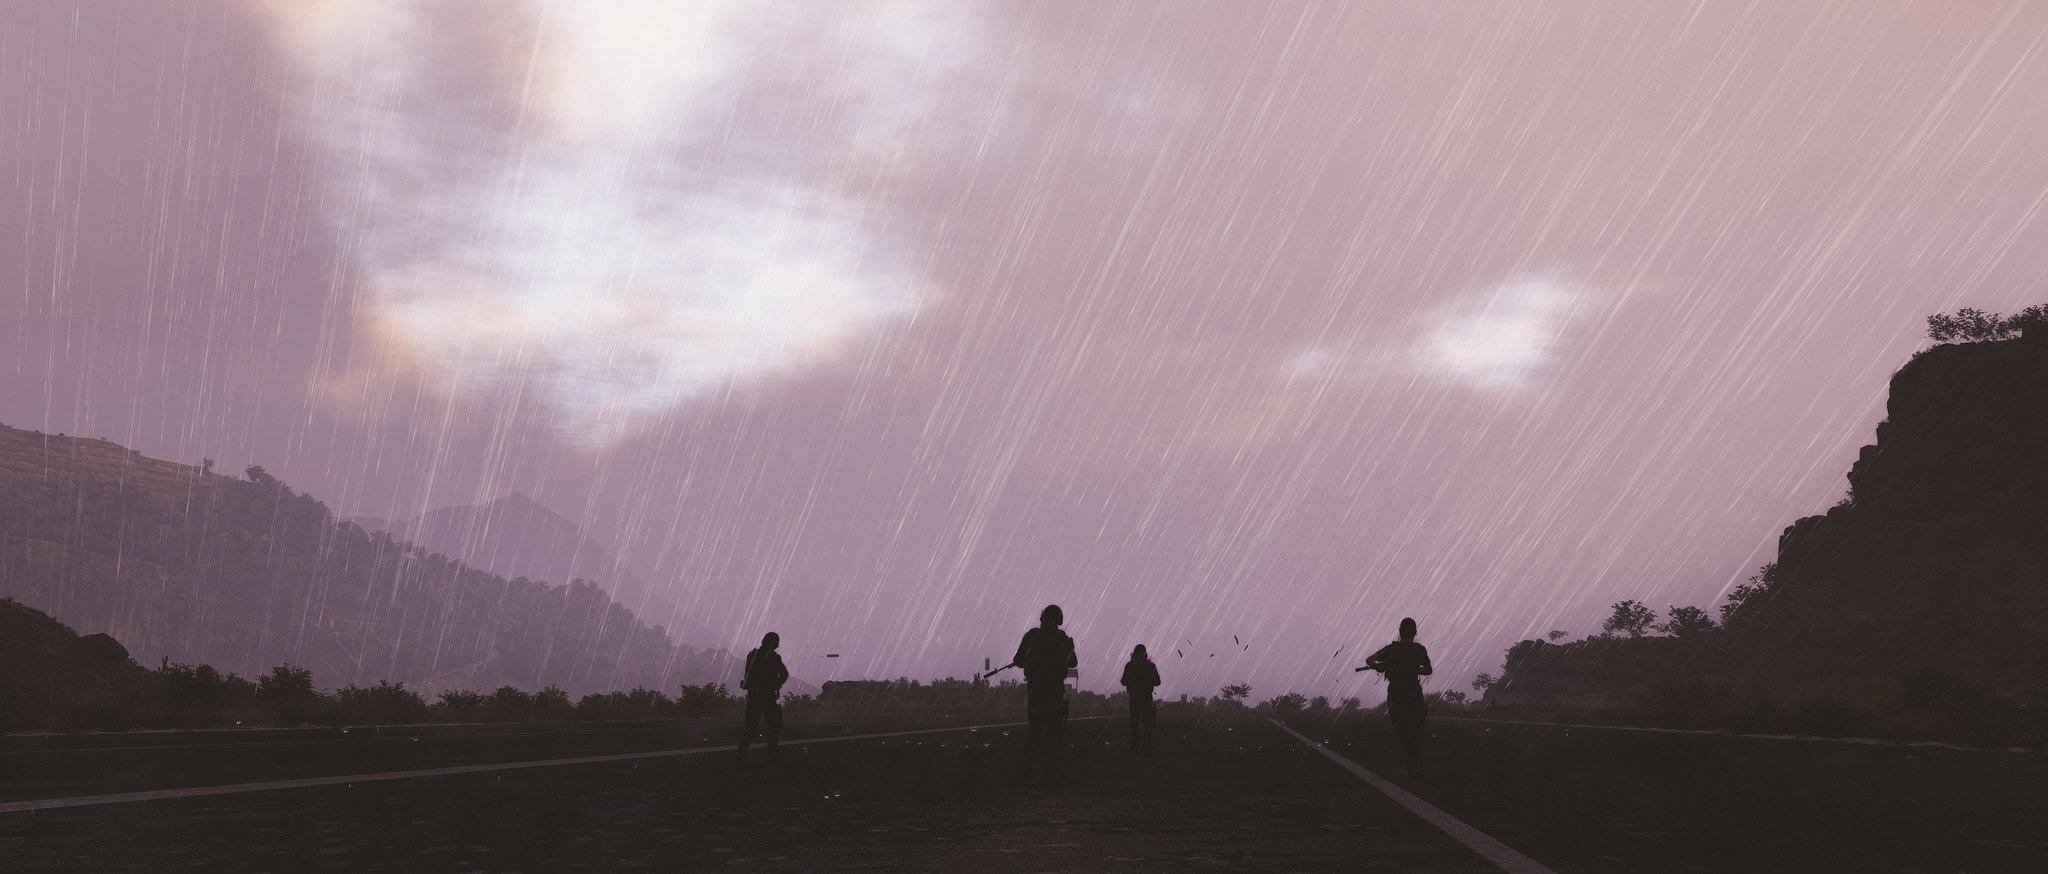 49400494921_d135c21de3_k.jpg - Tom Clancy's Ghost Recon: Wildlands